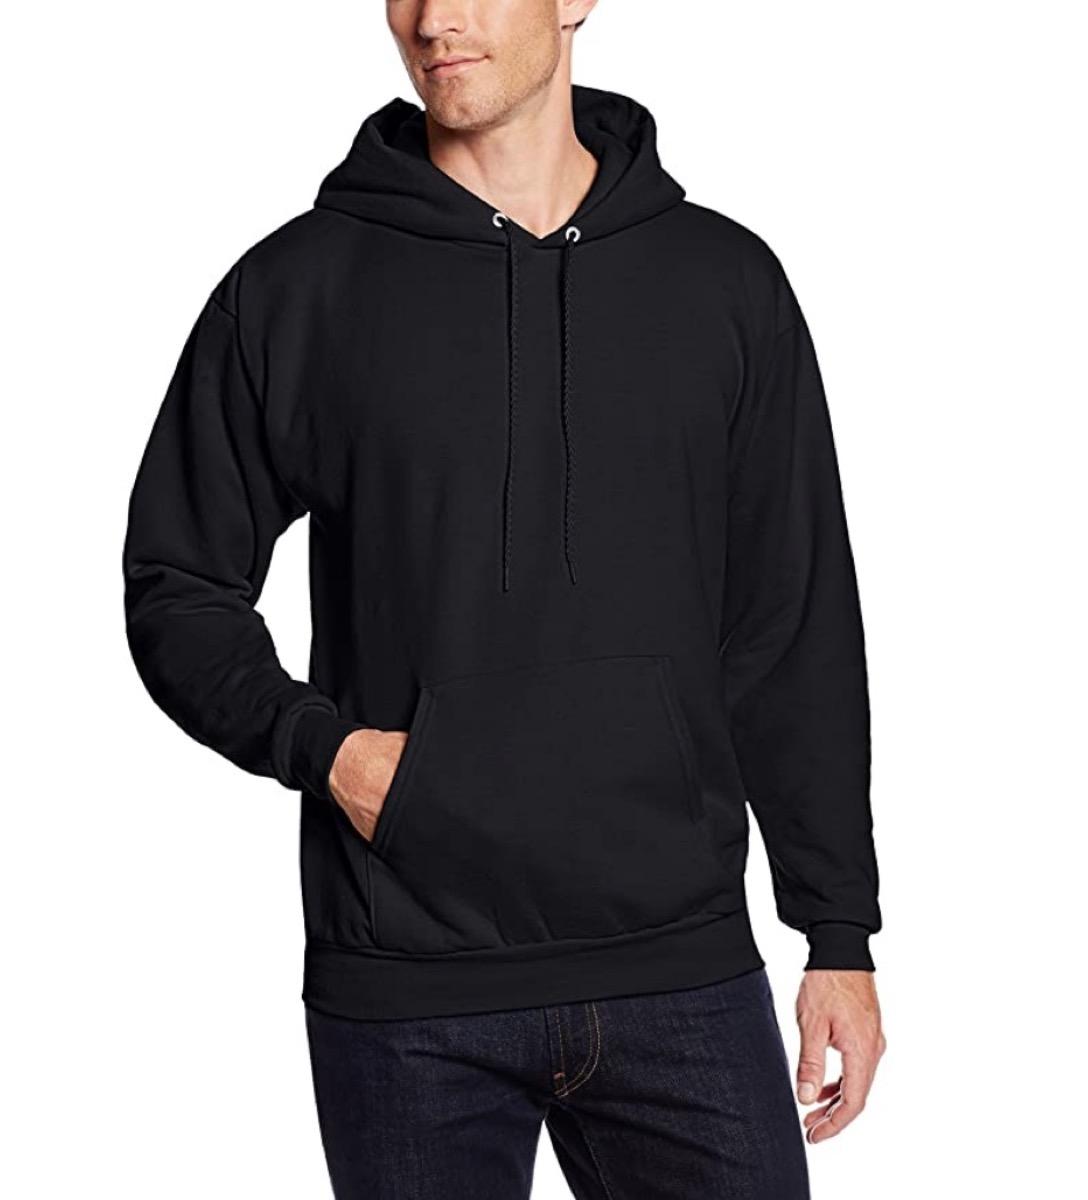 white man wearing black hoodie